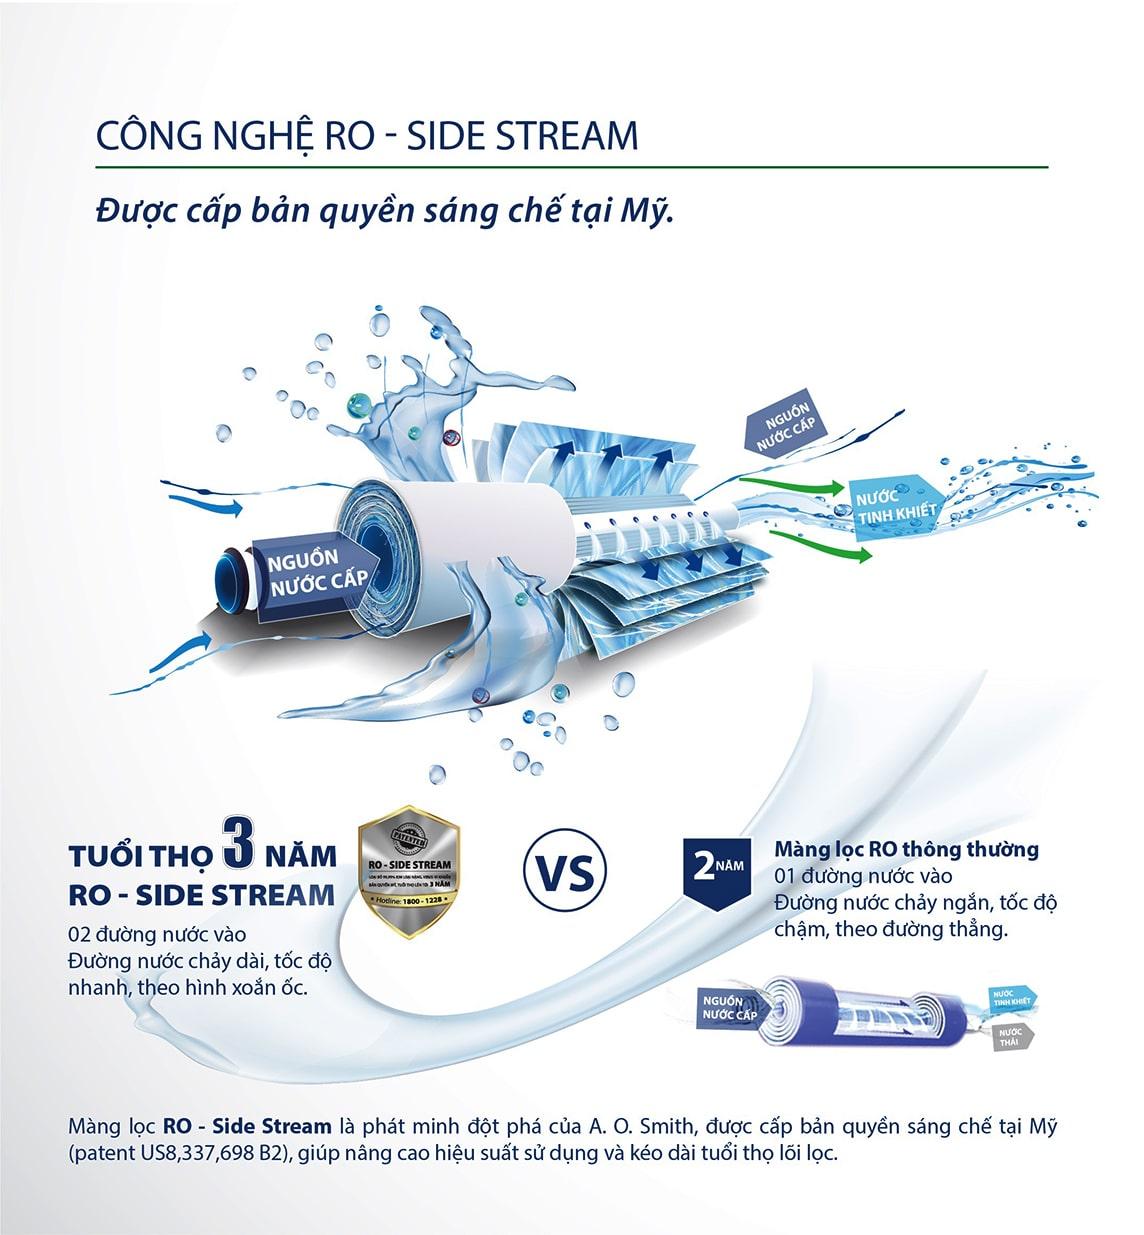 Máy lọc Aosmith K400 ứng dụng Ro-Side Stream là công nghệ lọc độc quyền của Mỹ